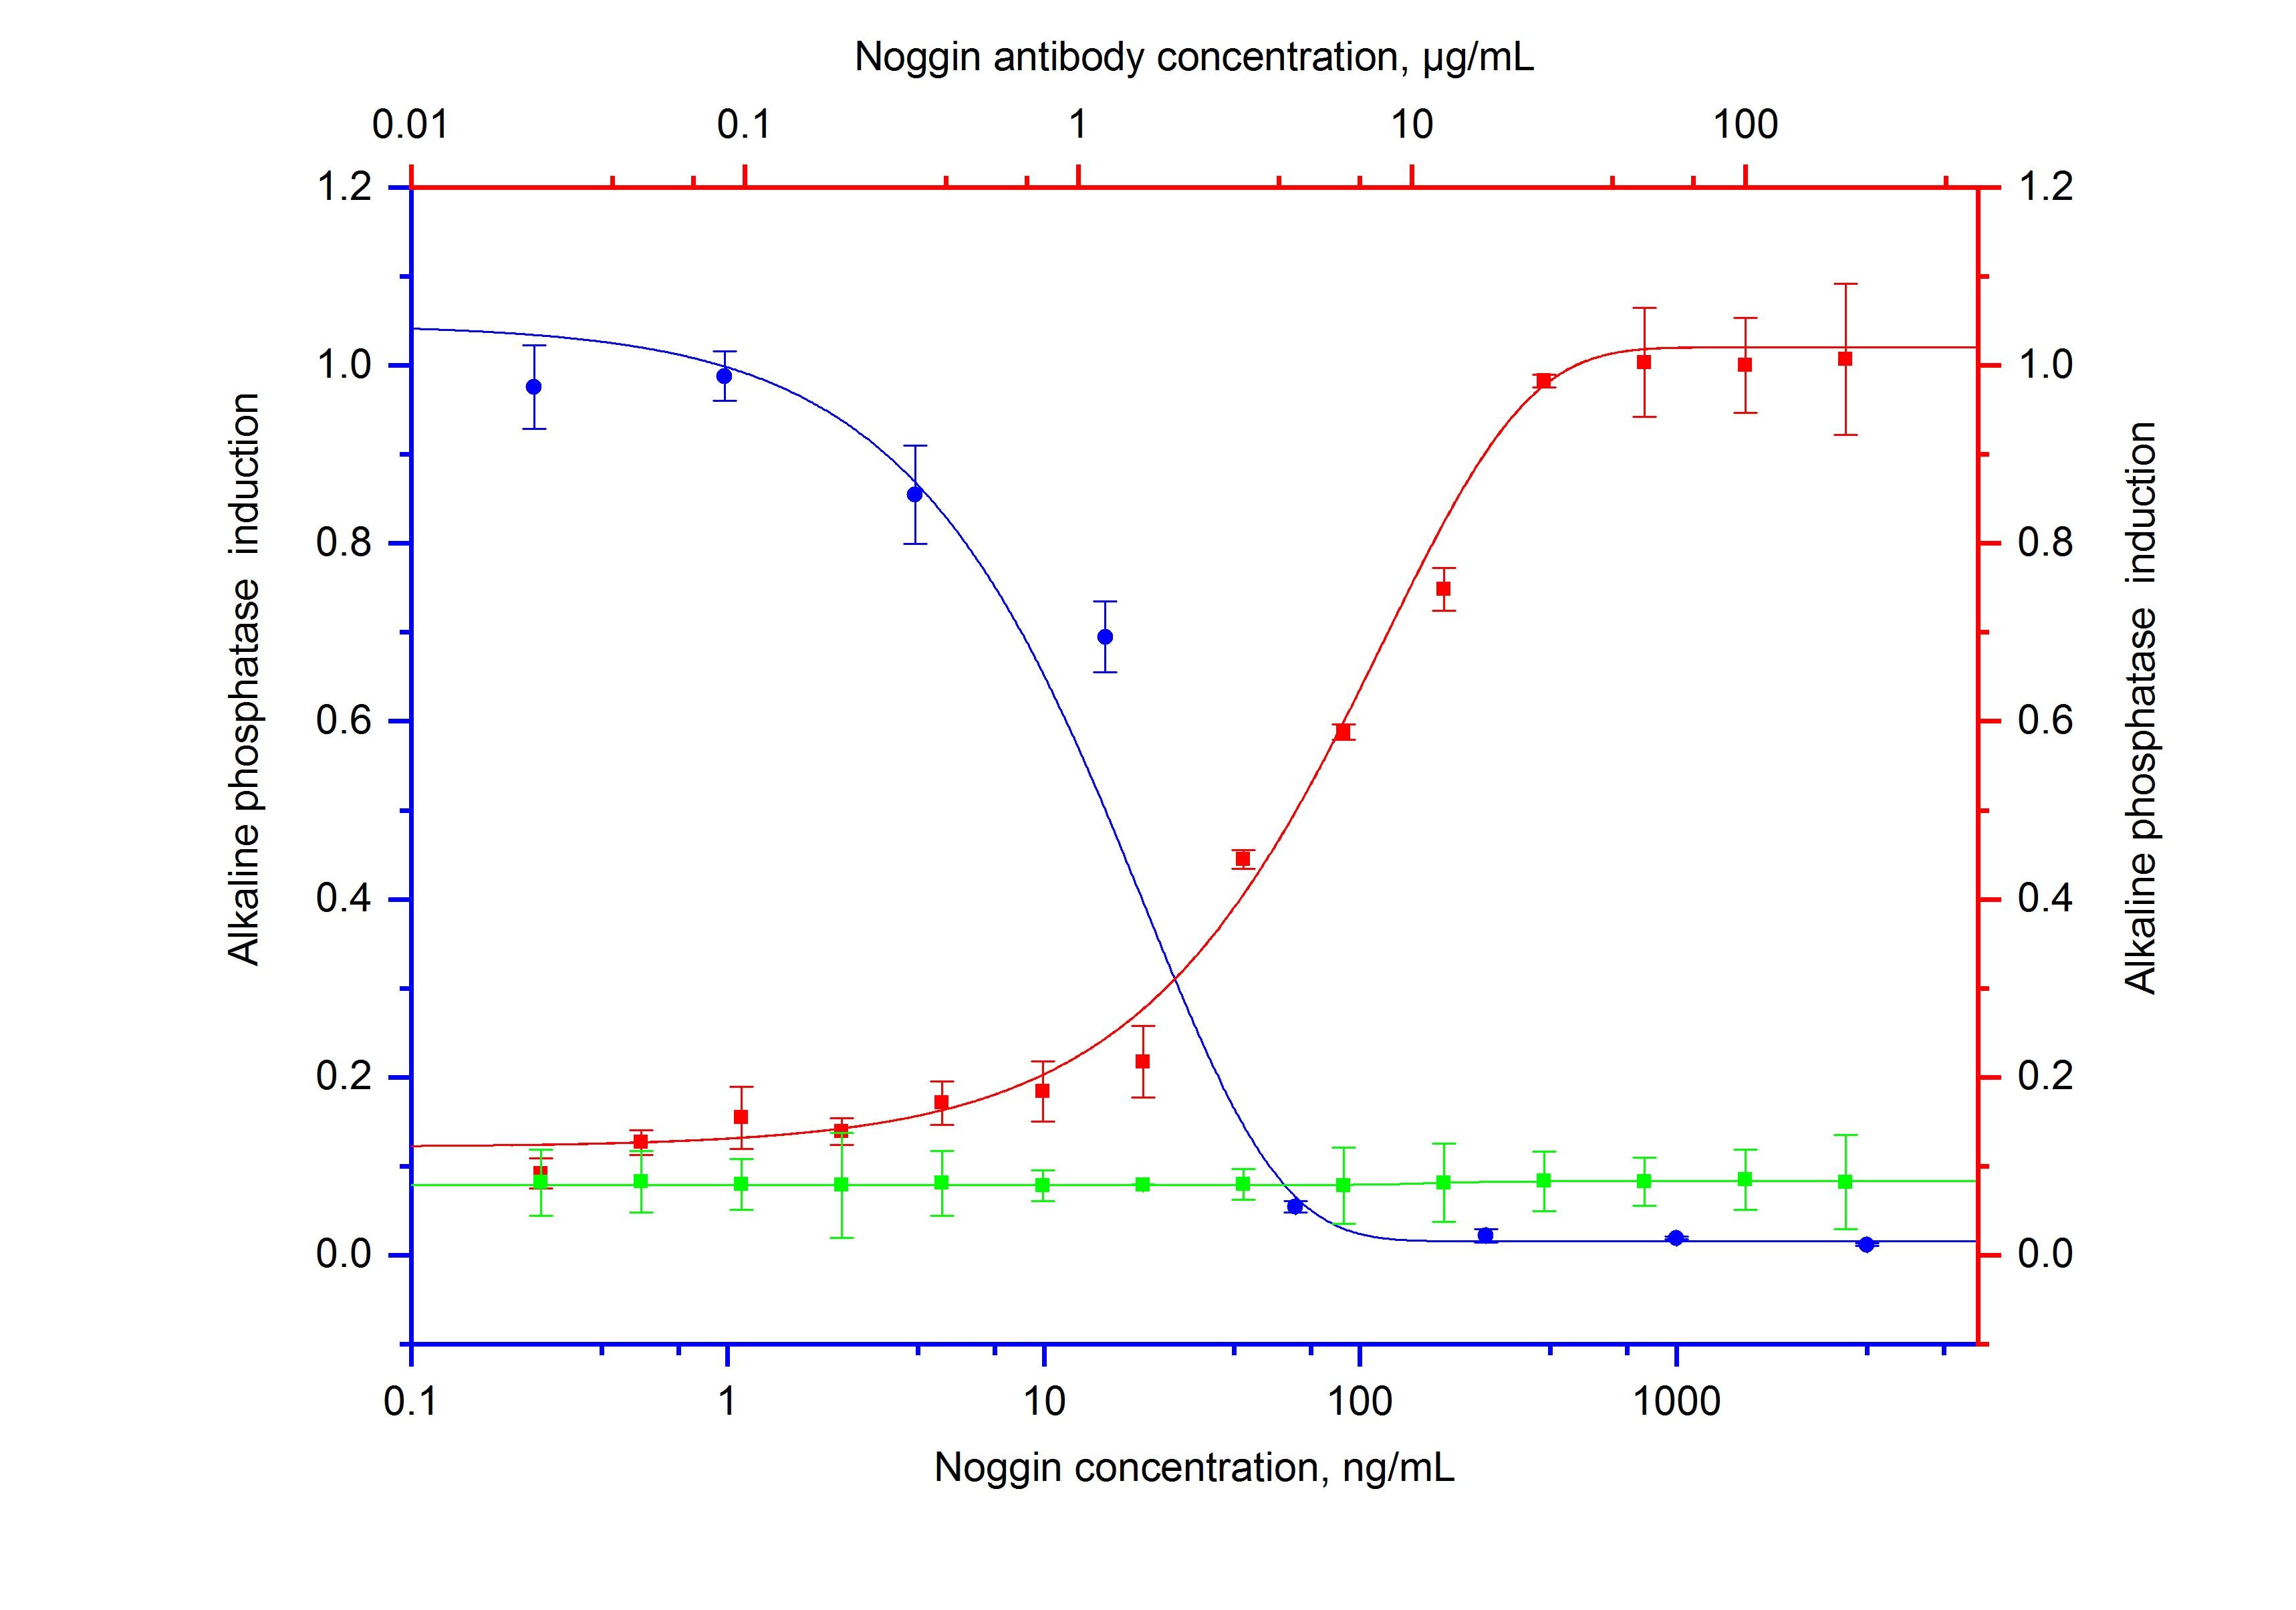 Neutralization experiment of NeutraKine® Noggin using 69010-1-Ig